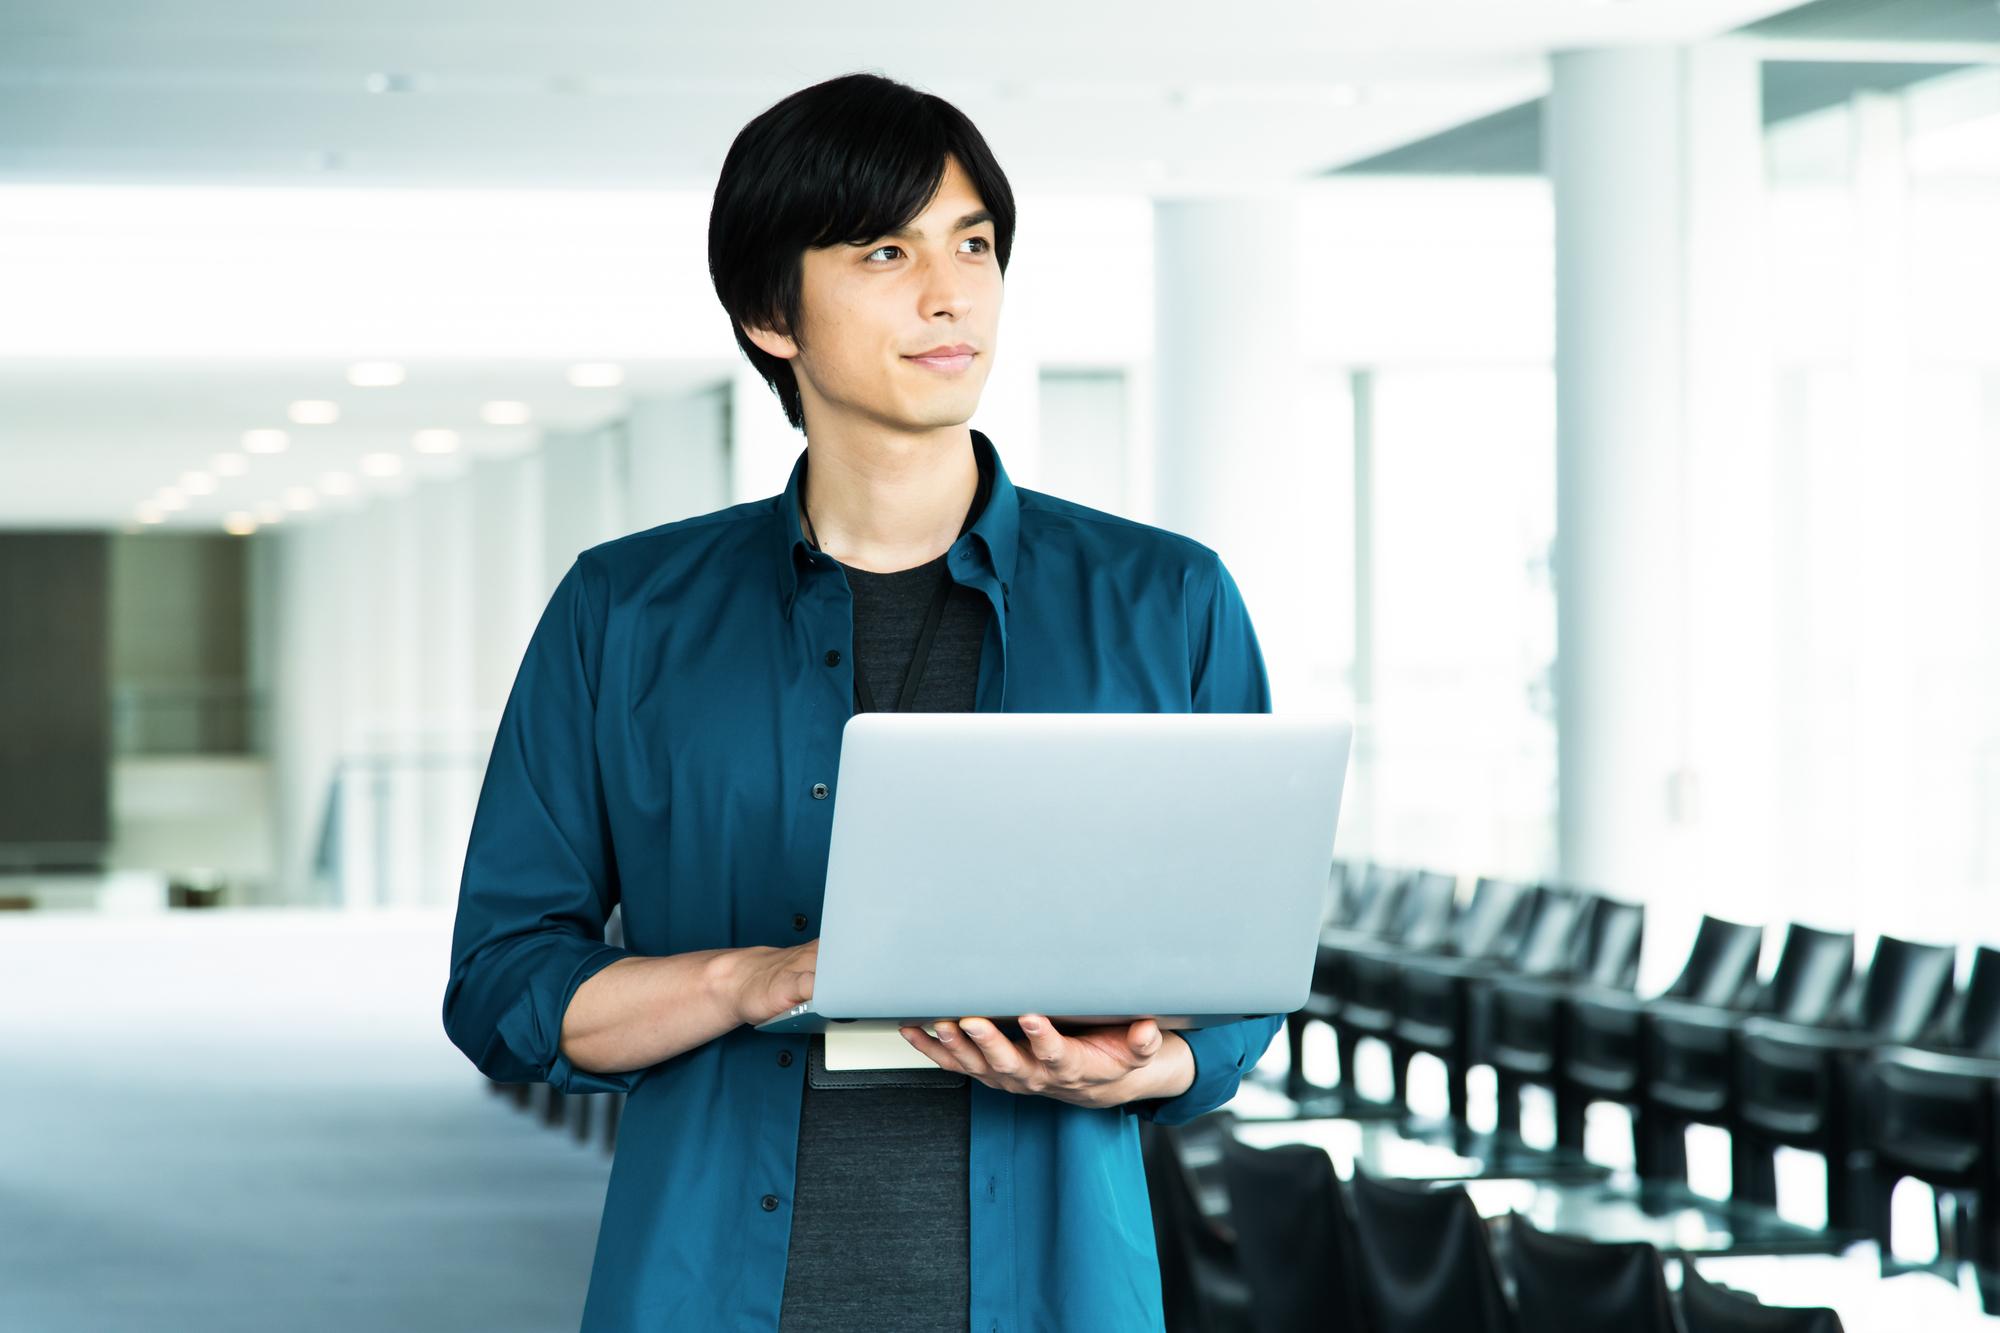 08_Windows10のsモードとは?買い替え前に知っておきたい解除するメリットとデメリット